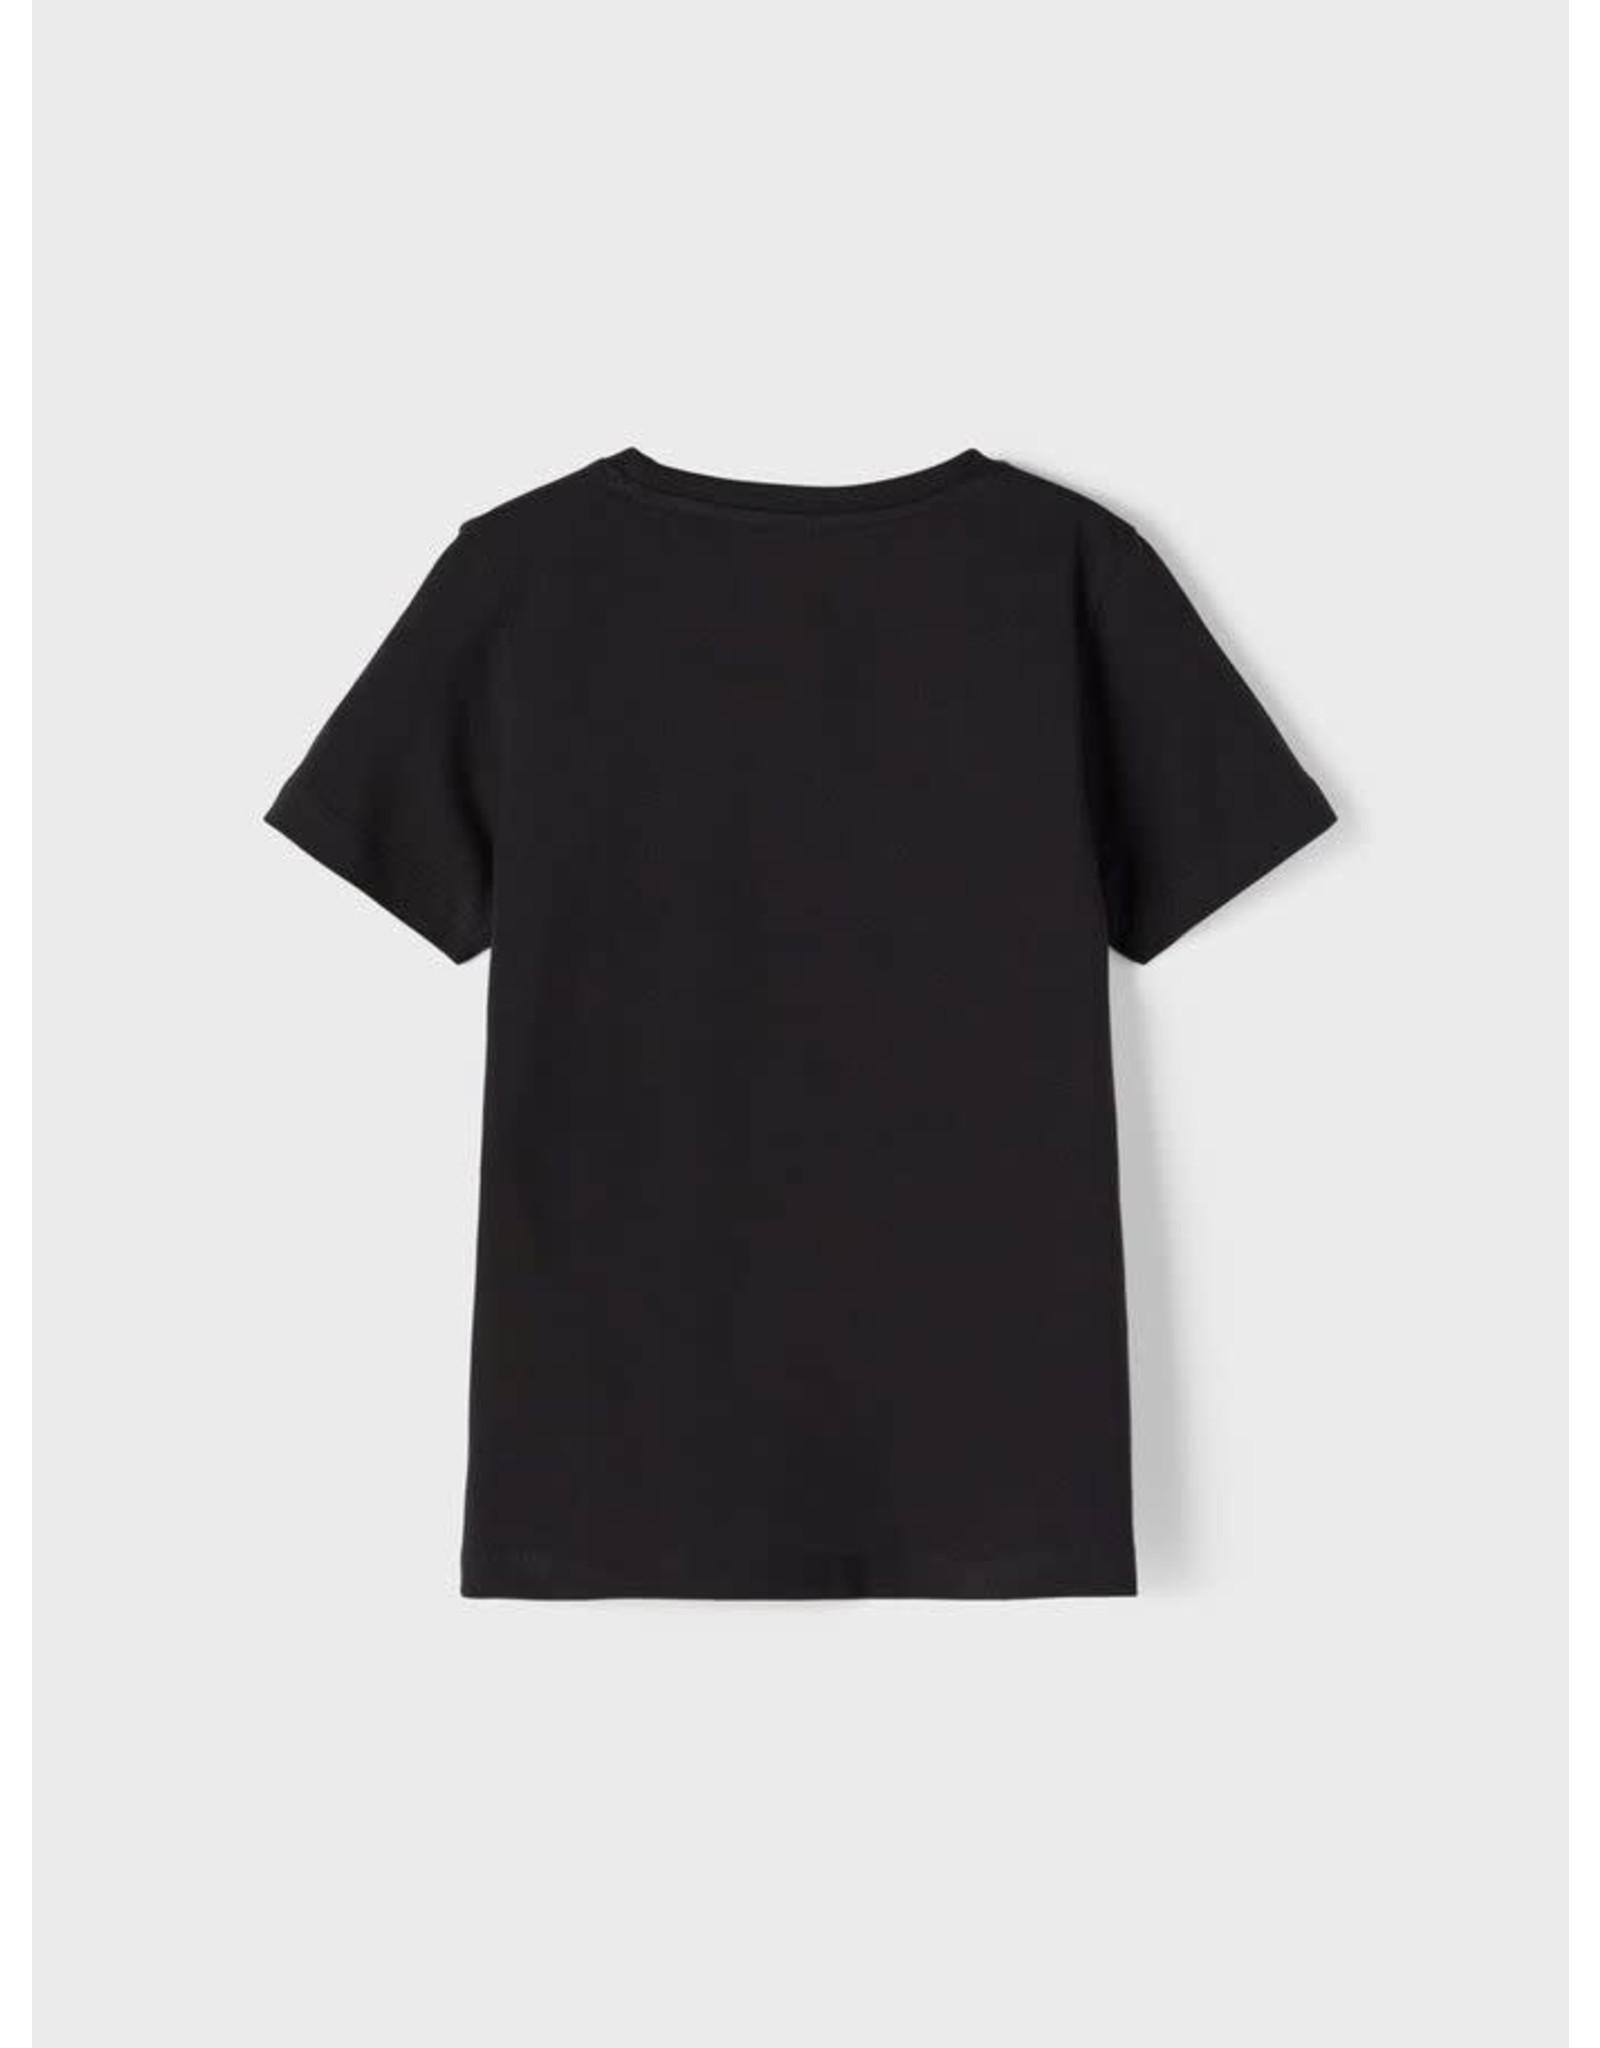 Name It Zwarte AMONG US t-shirt voor meisjes